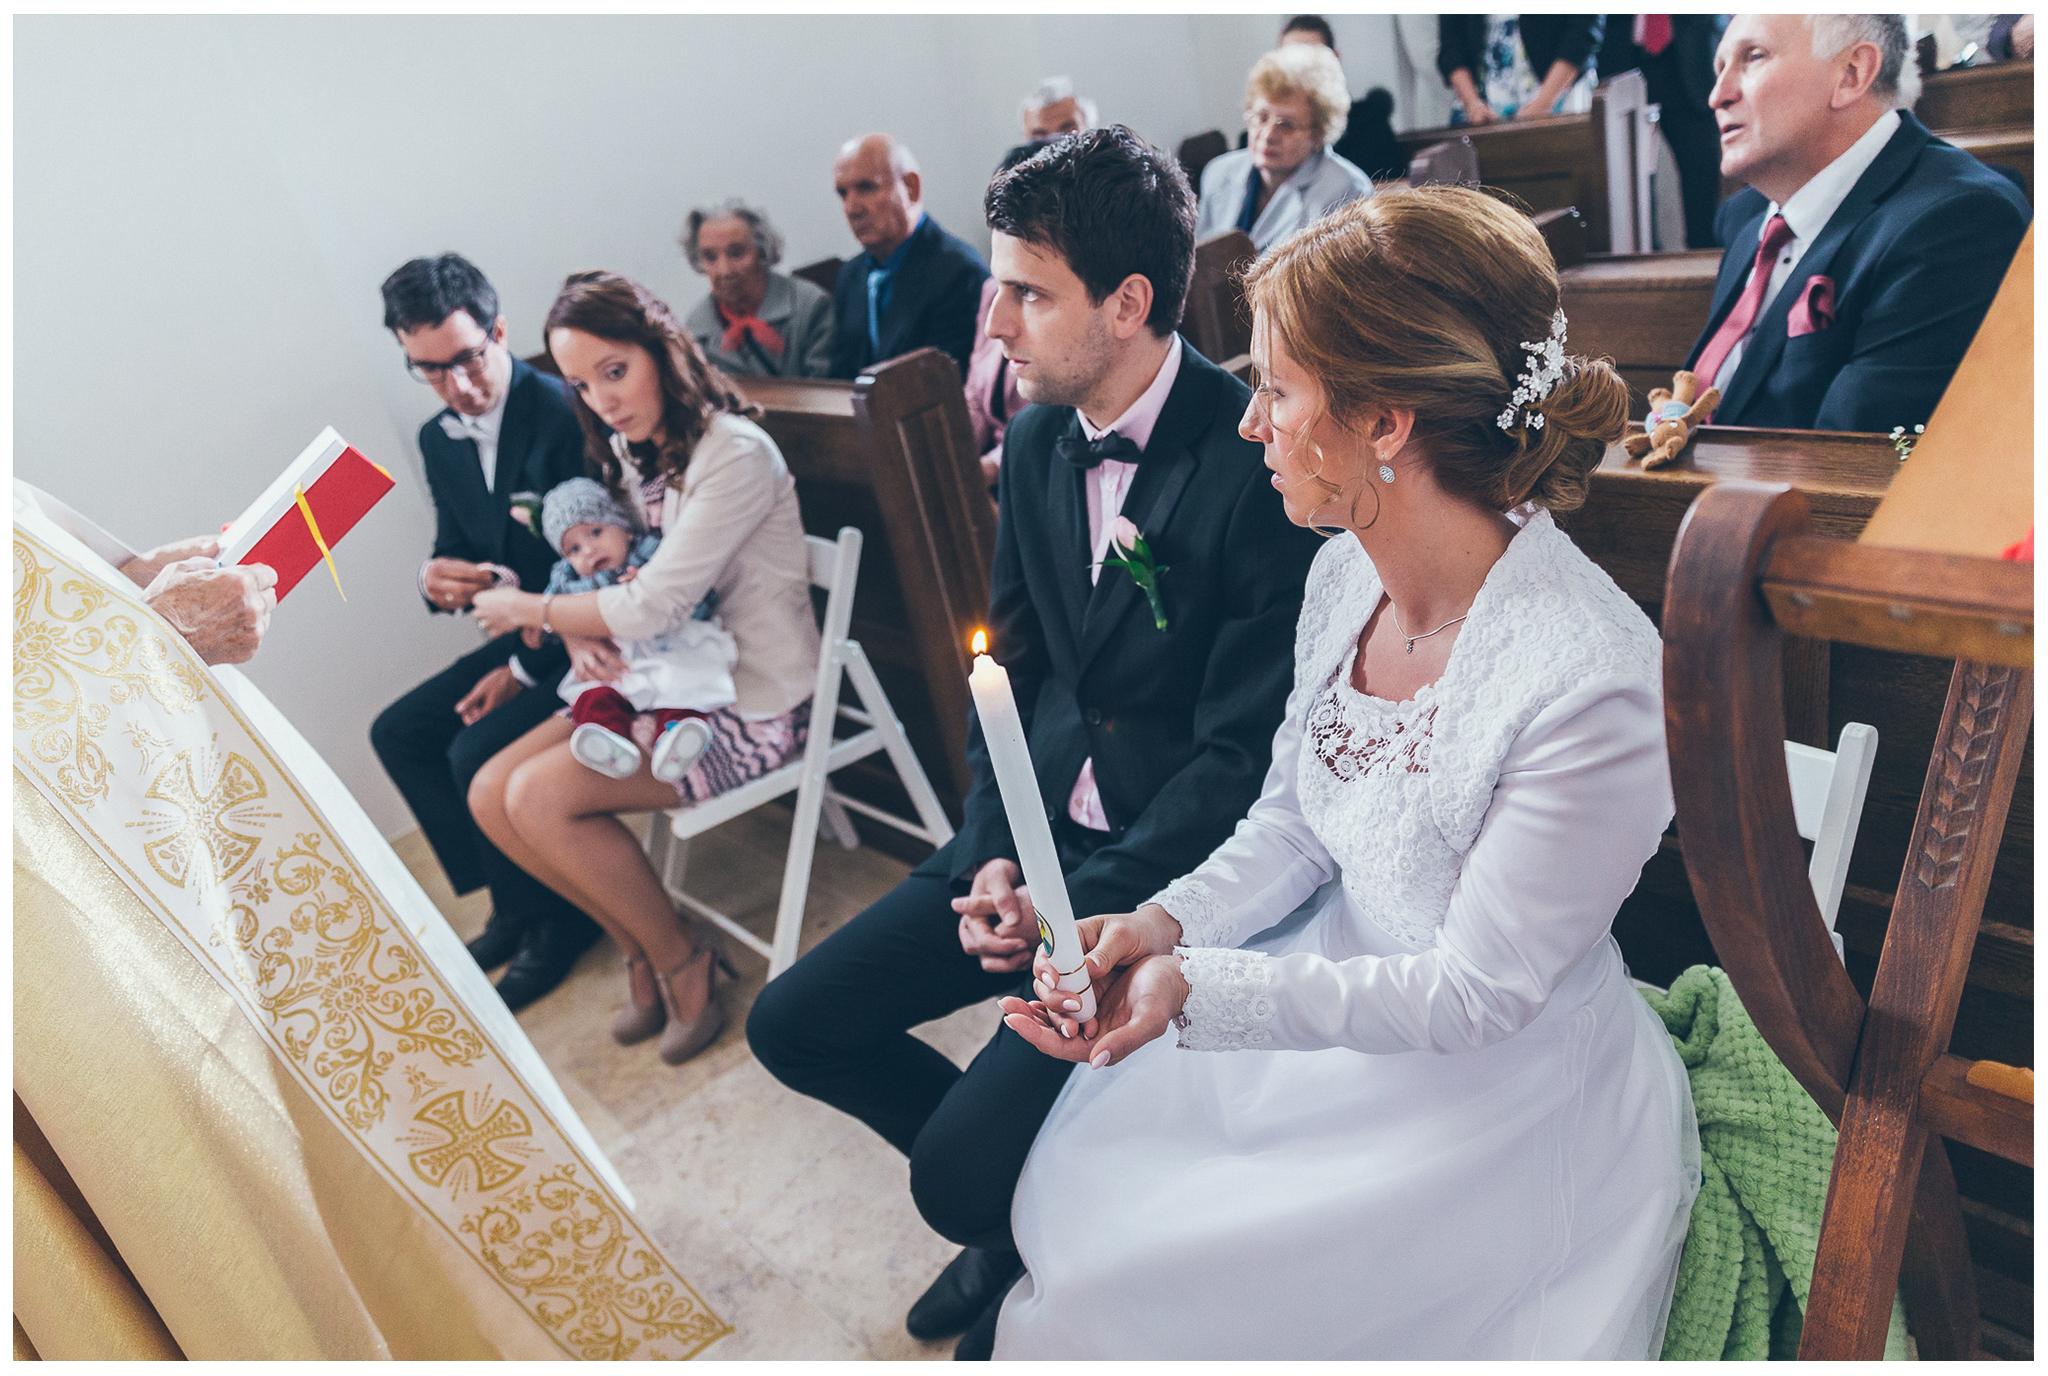 FylepPhoto, esküvőfotós, esküvői fotós Körmend, Szombathely, esküvőfotózás, magyarország, vas megye, prémium, jegyesfotózás, Fülöp Péter, körmend, kreatív, fotográfus_25.jpg